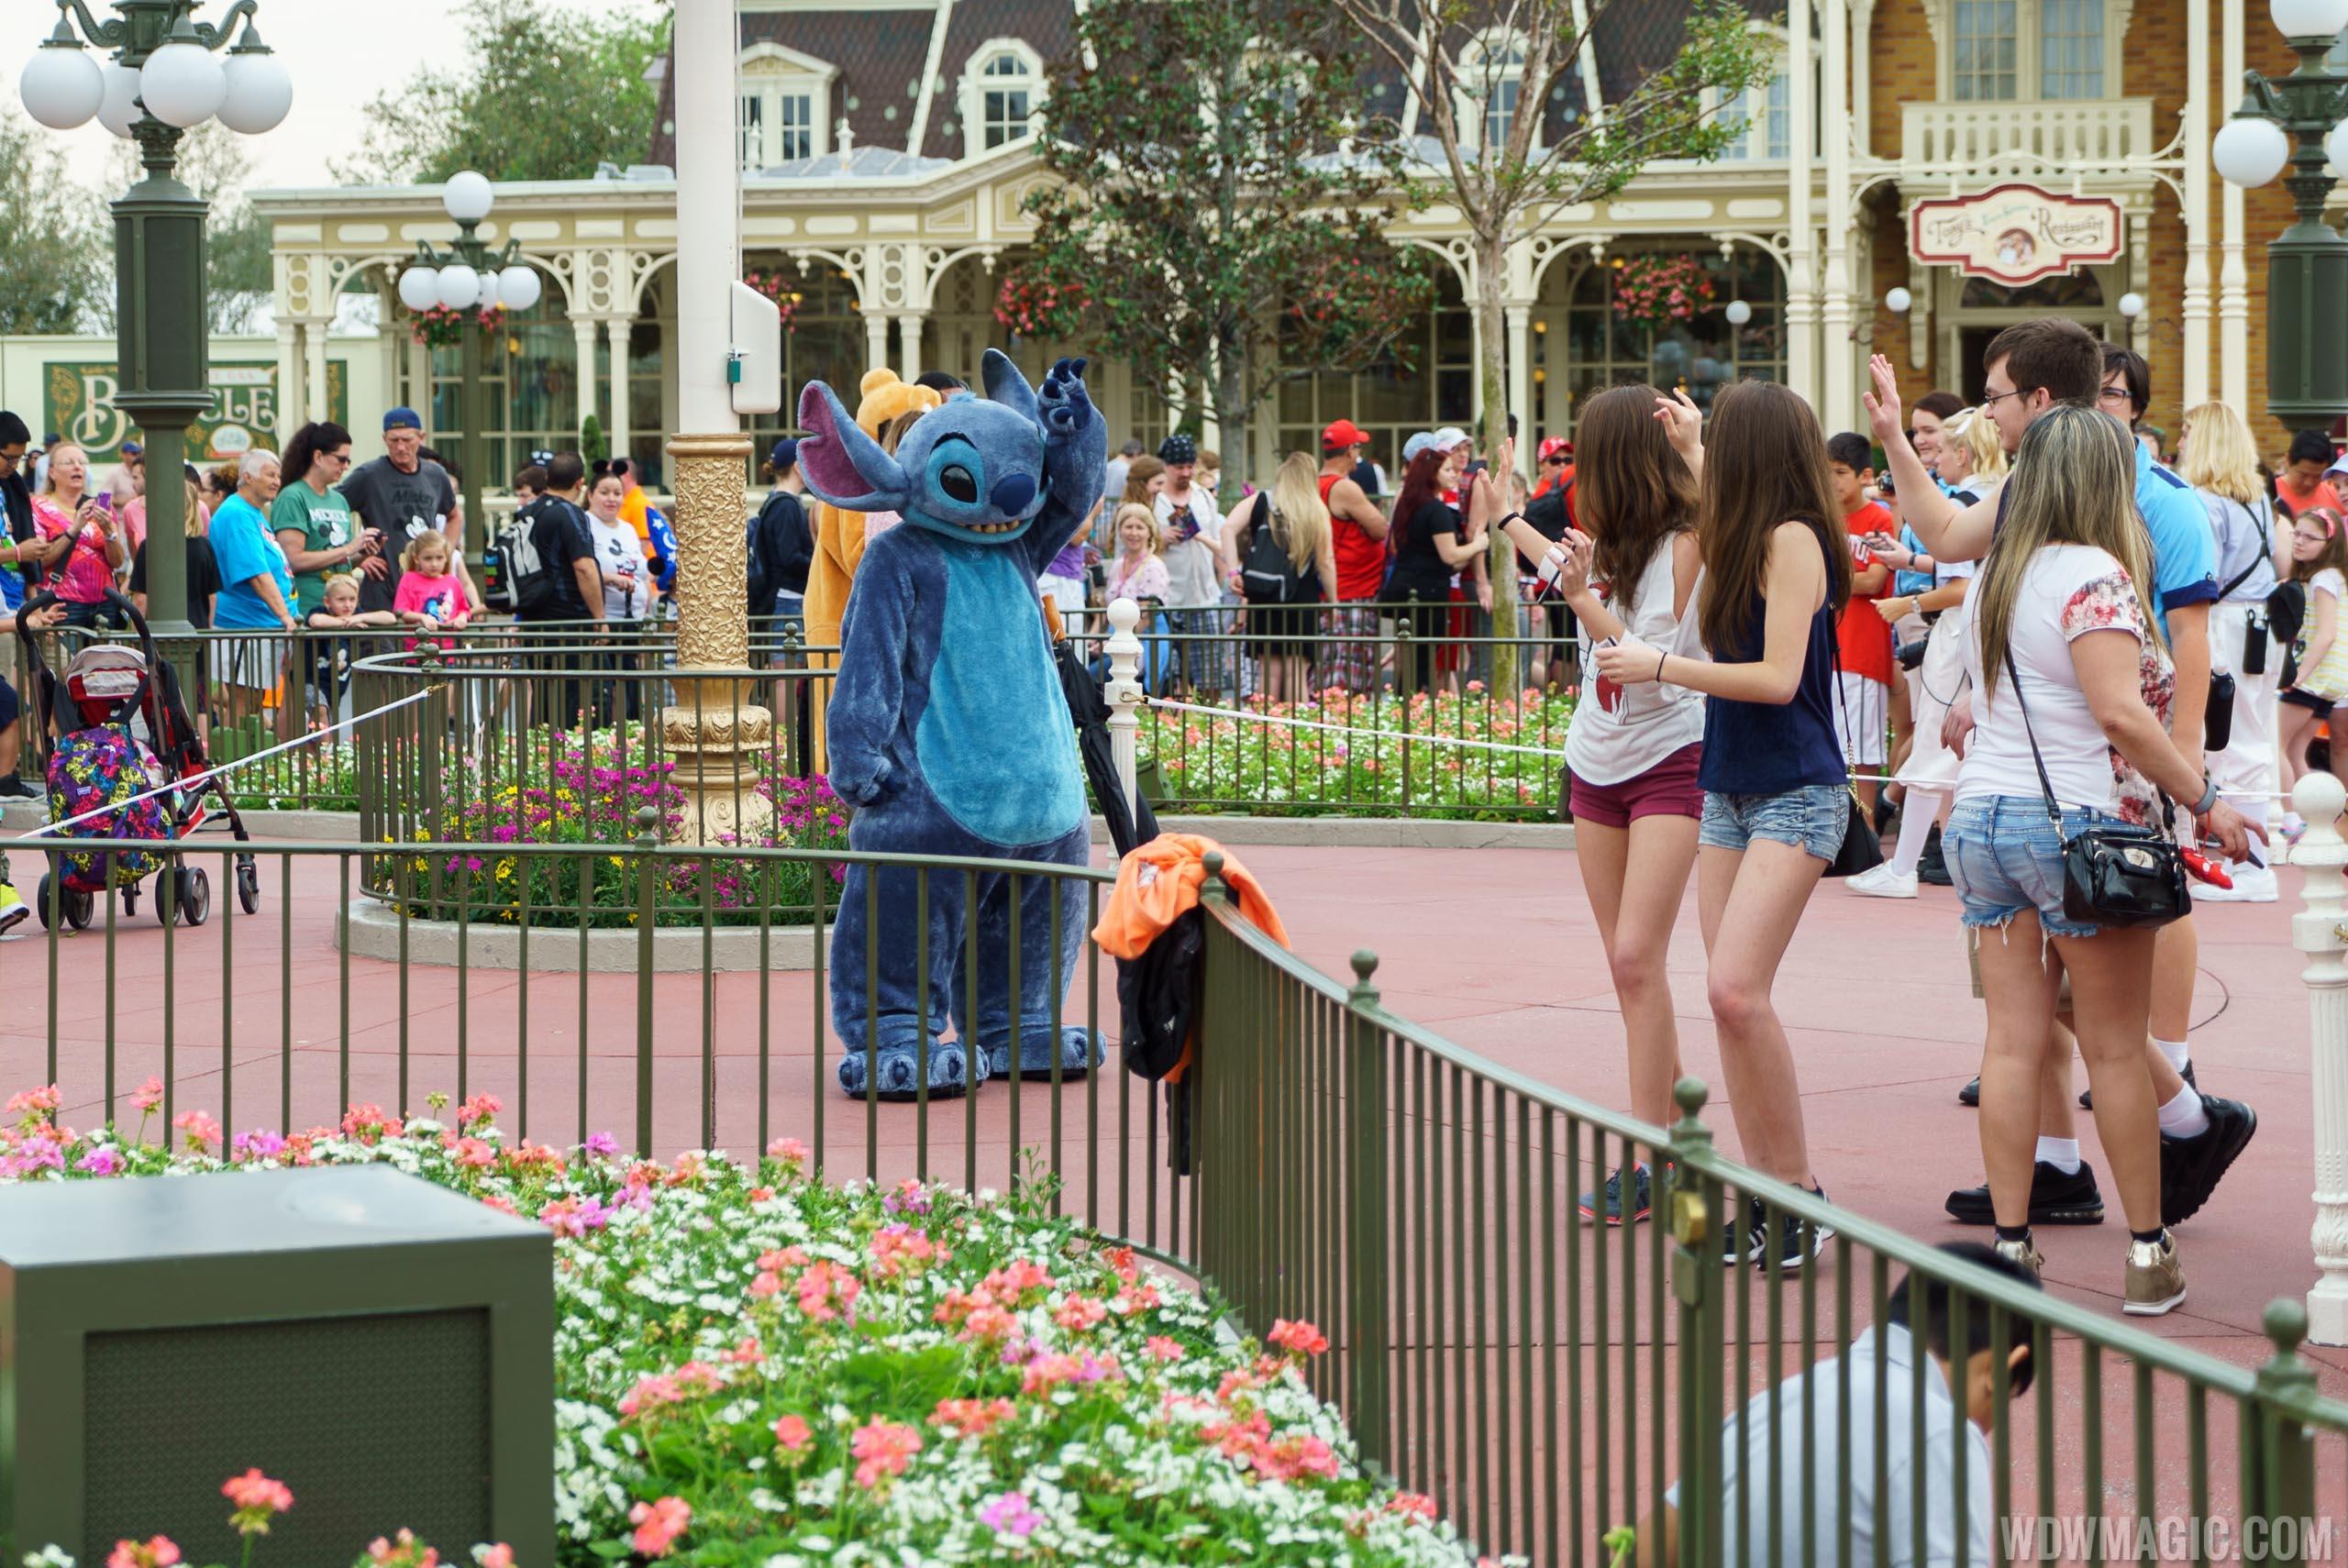 Character Meet And Greets At The Magic Kingdom